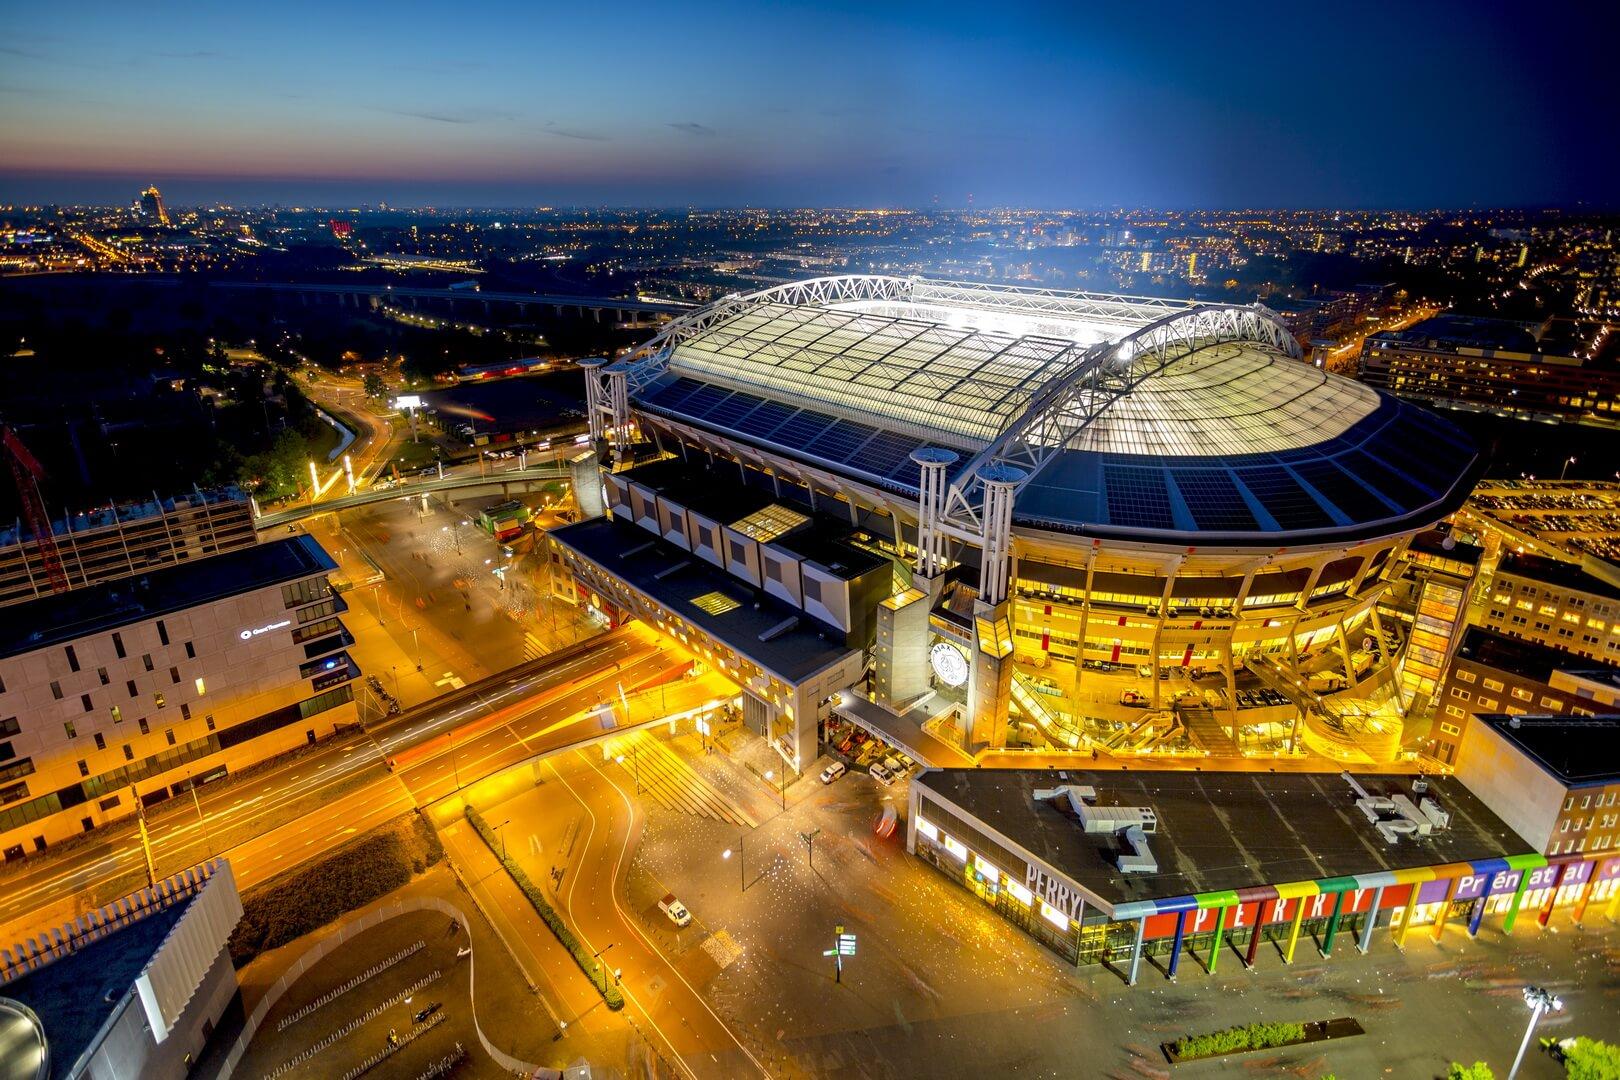 148 батарей Nissan Leaf будуть живити стадіон в Амстердамі